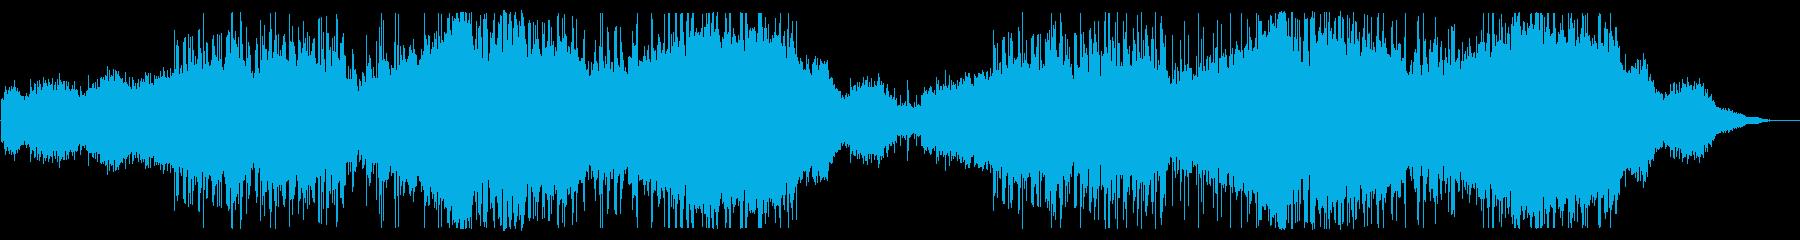 サイコ・ホラー・サスペンス・恐怖・危険の再生済みの波形